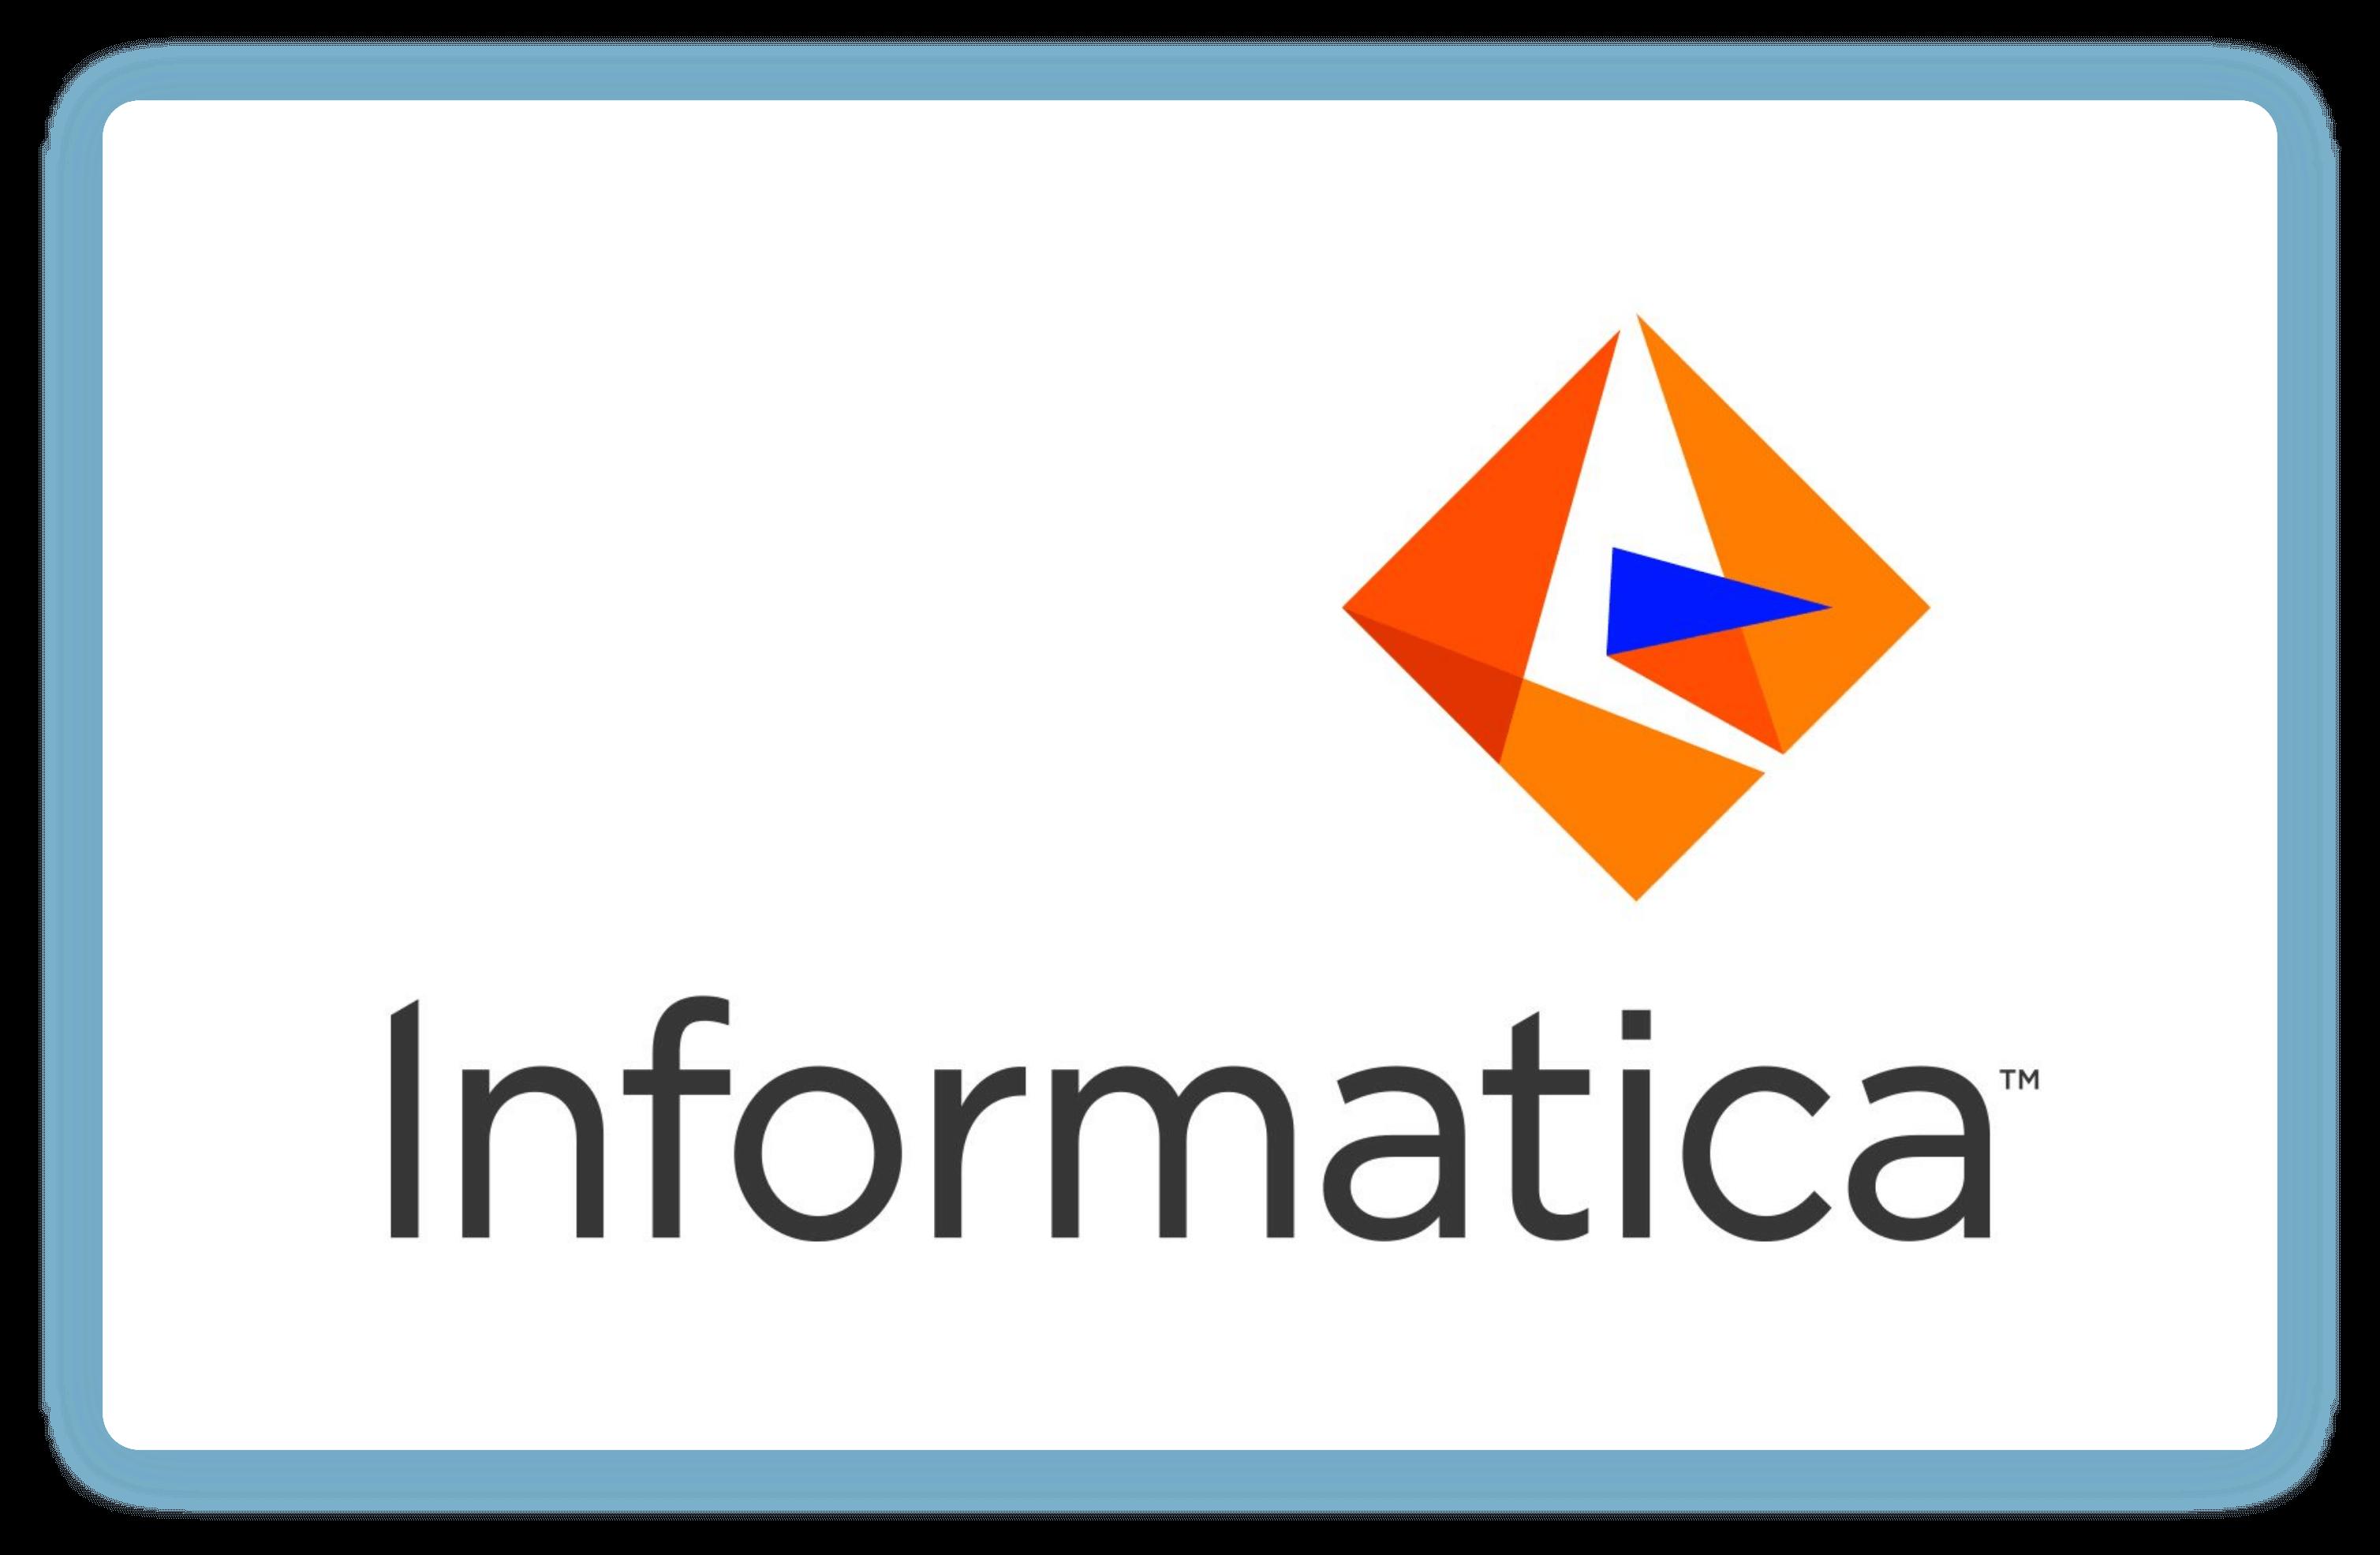 EPISODE 26 - Enabling Data Management